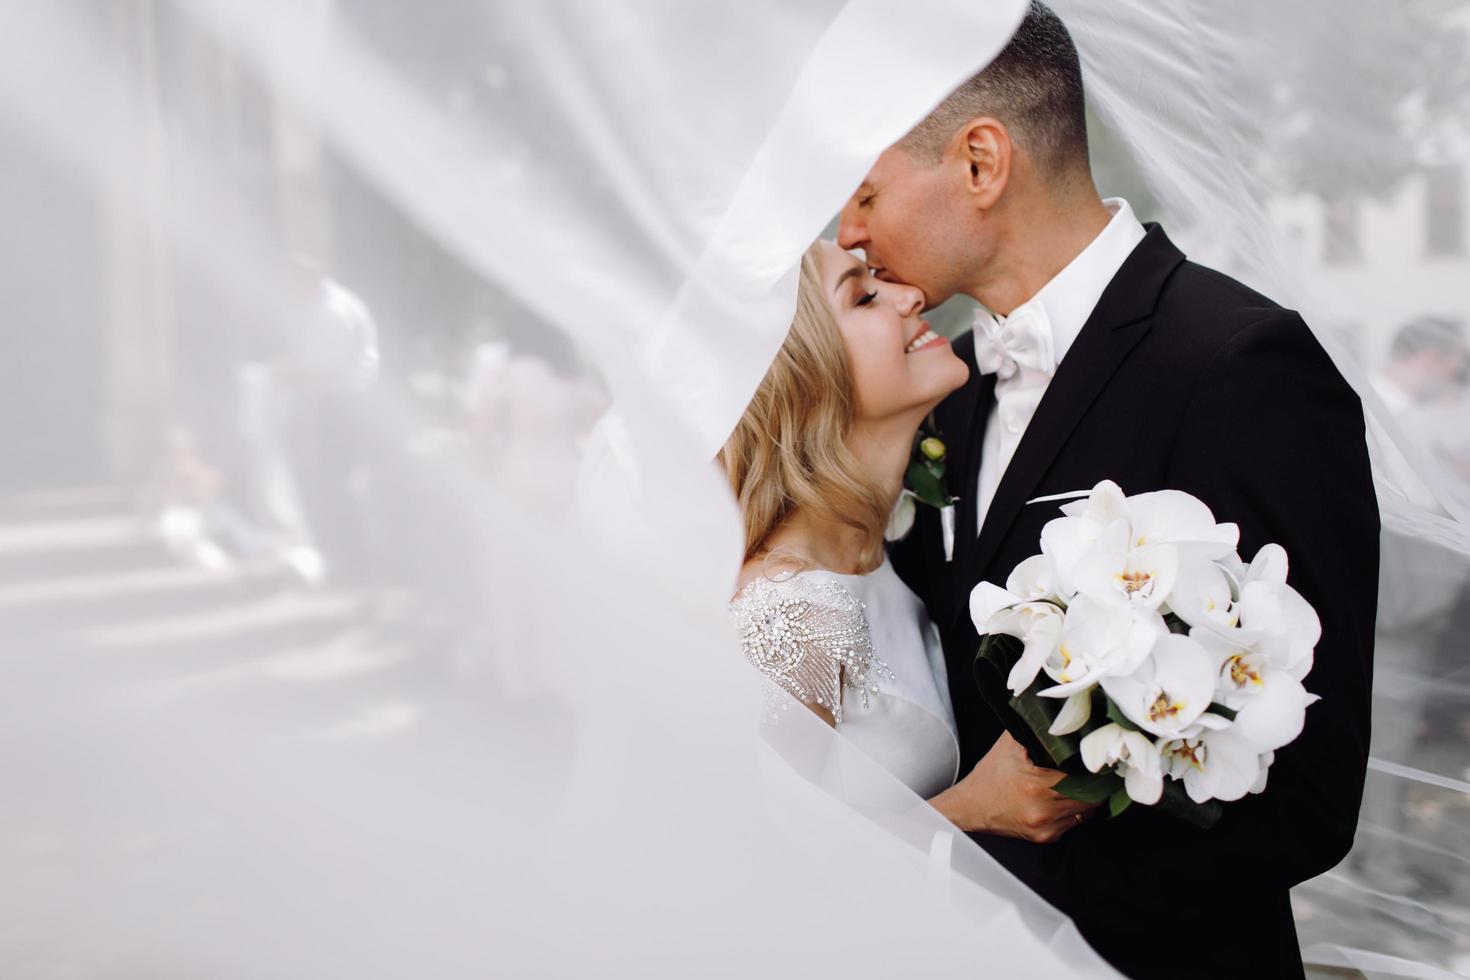 la novia y el novio se abrazan bajo el sol foto